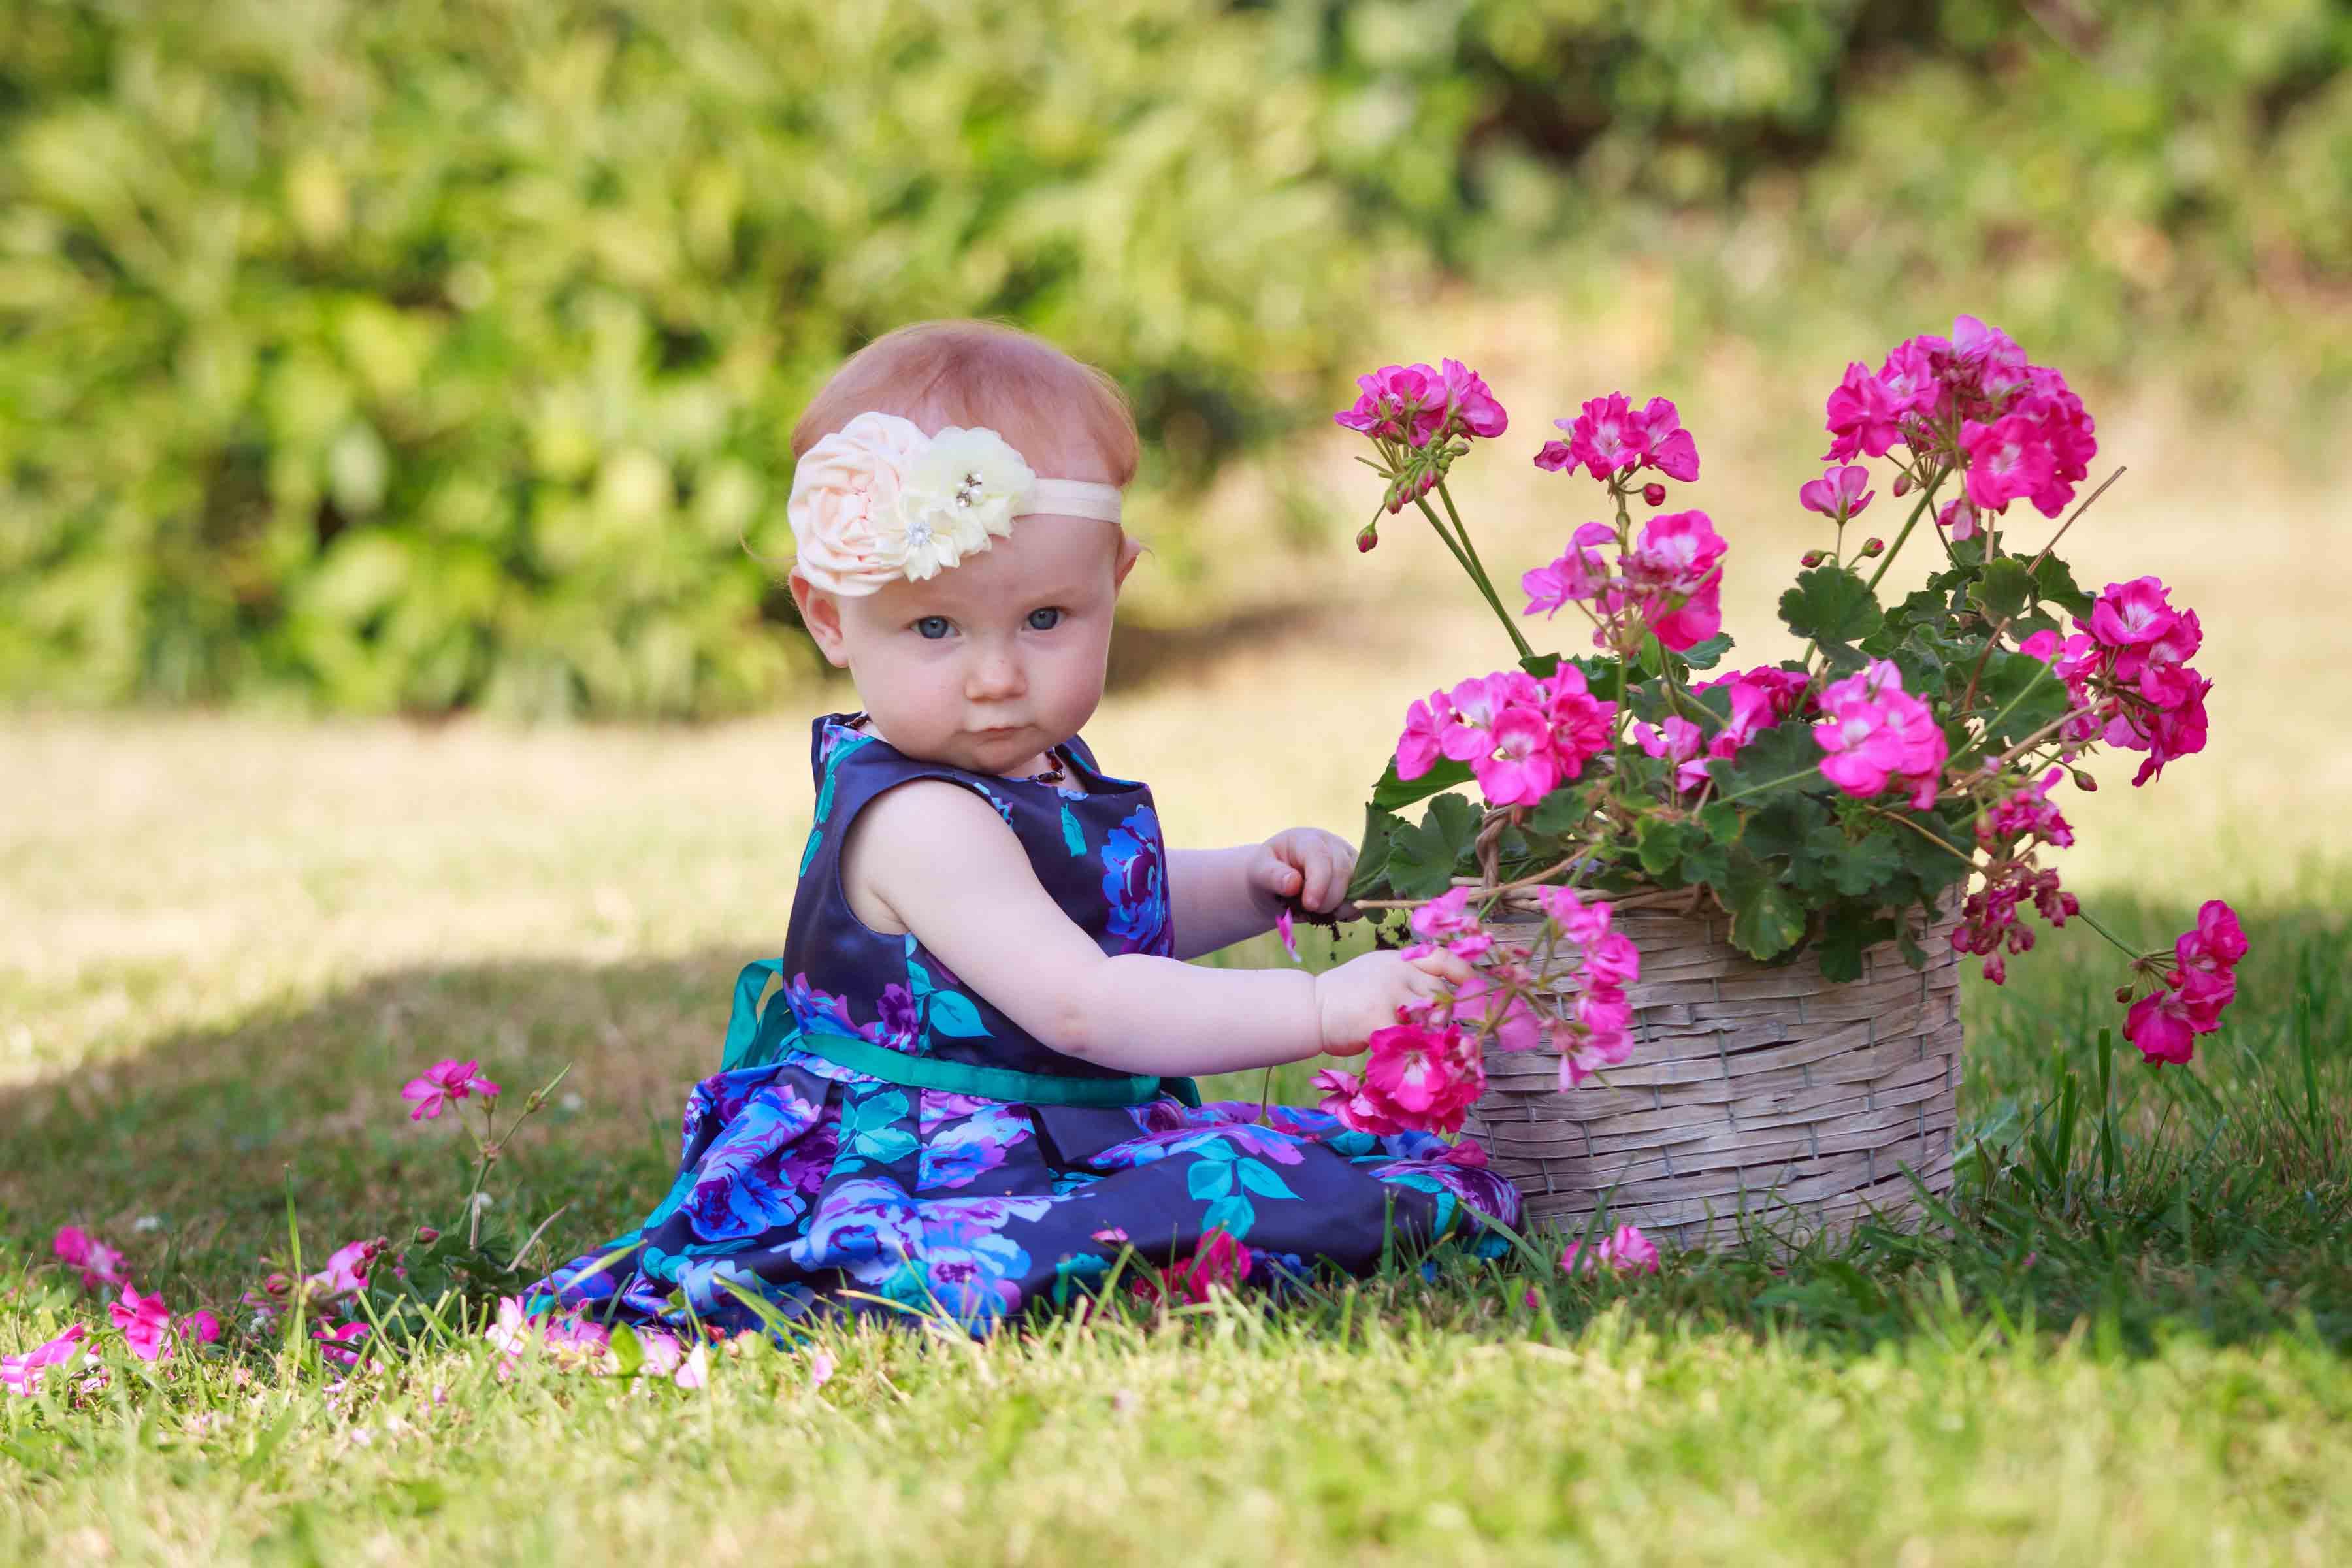 Babyshooting und Familienportraits mit Glücksfaktor und Sommerfeeling IMG 4273w